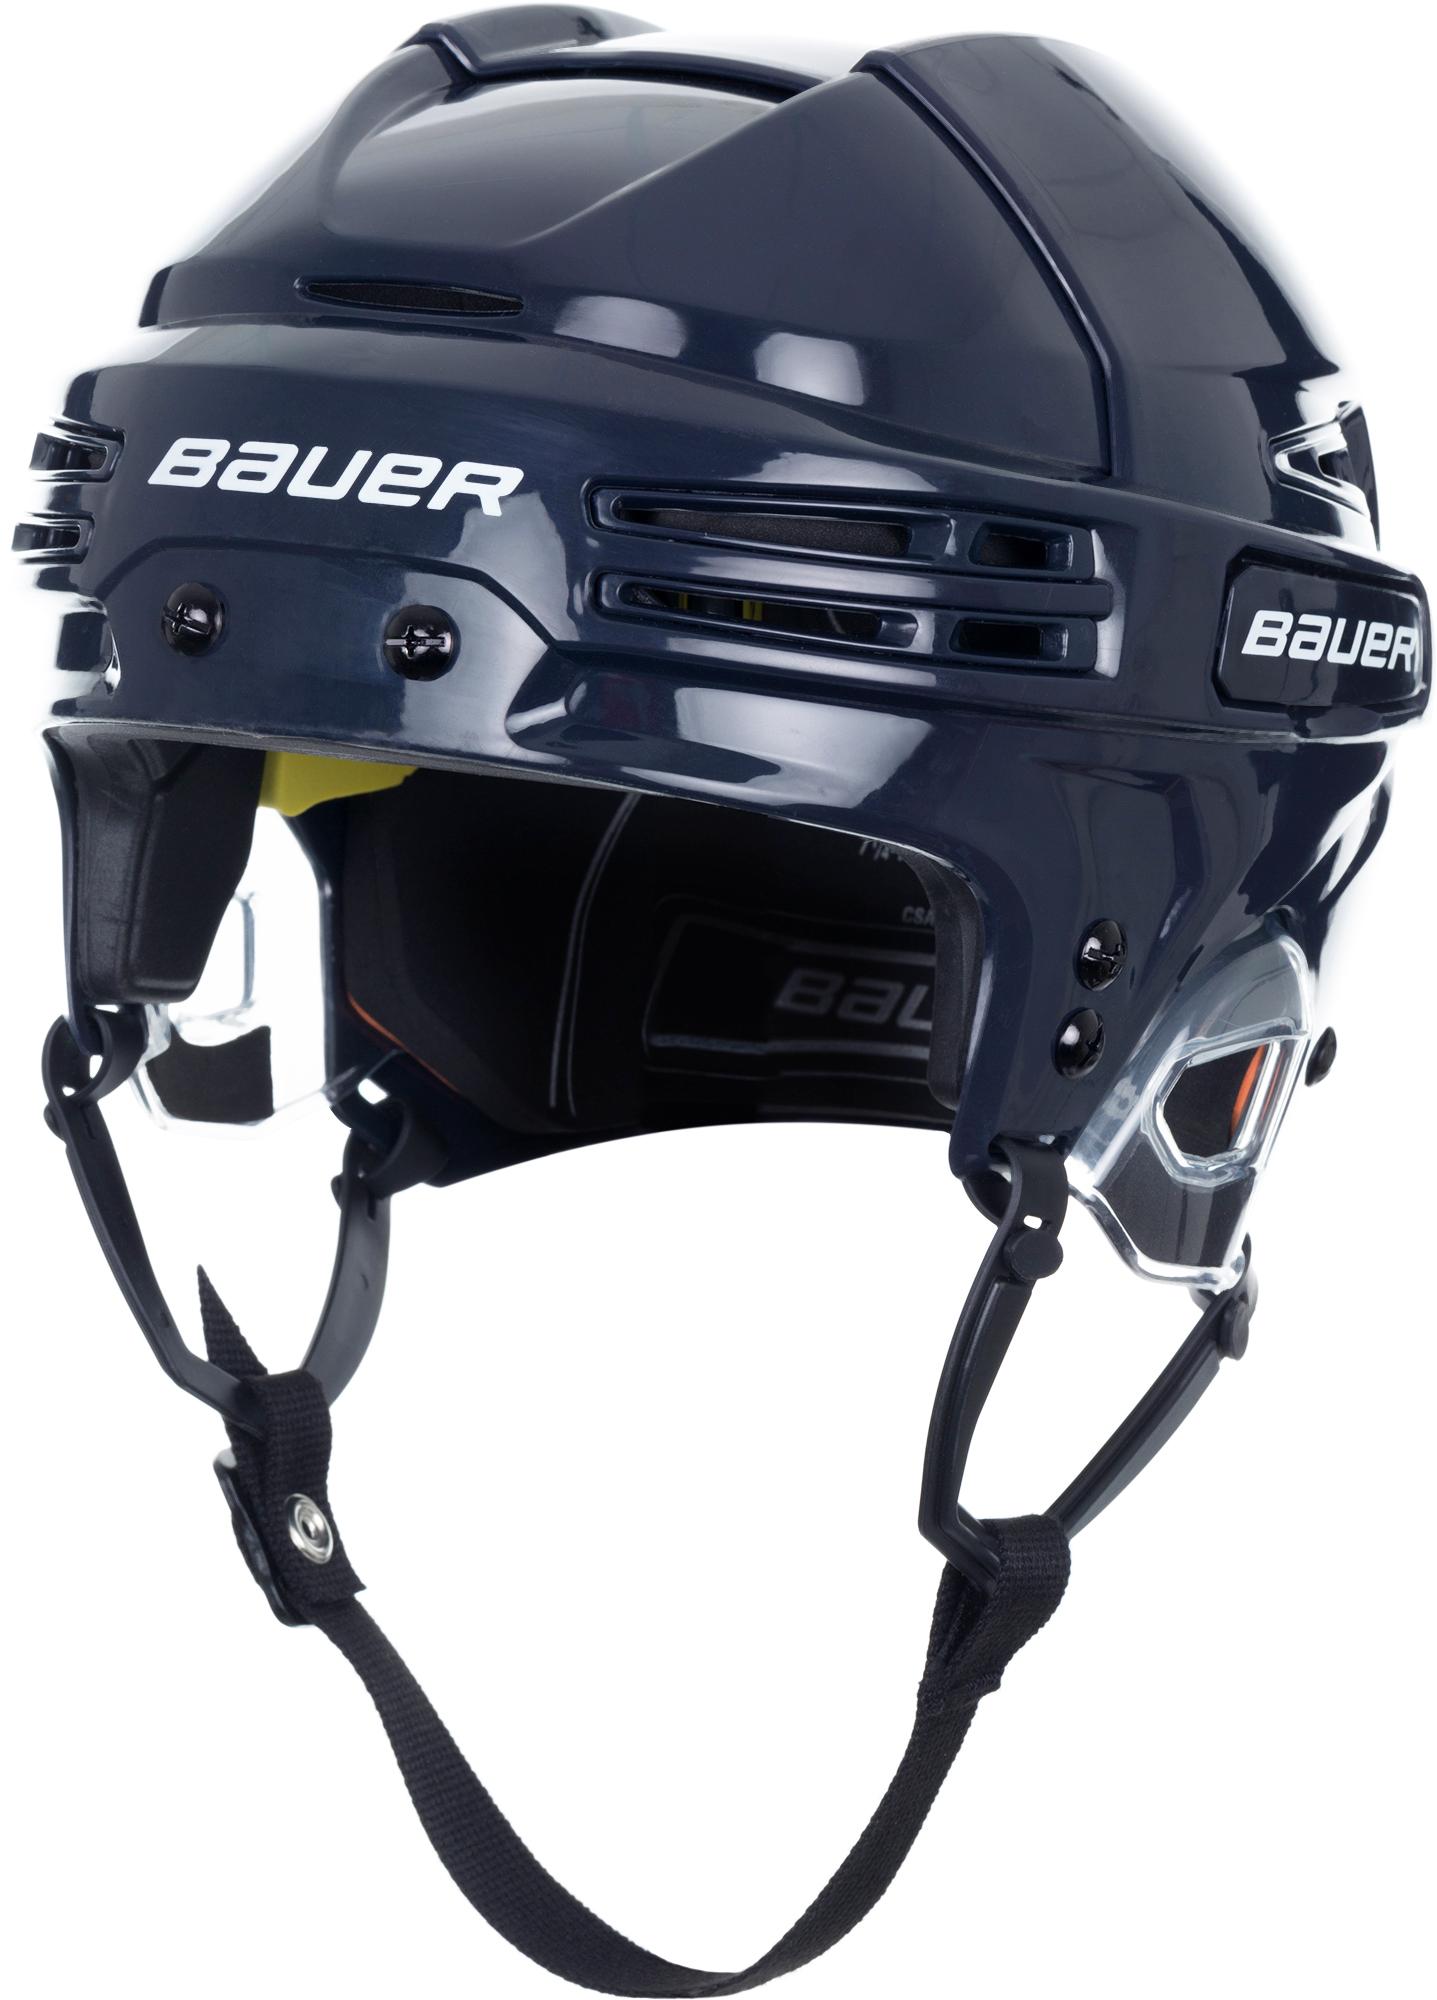 Bauer Шлем хоккейный Bauer Re-Akt 75 шлем хоккейный bauer bauer re akt